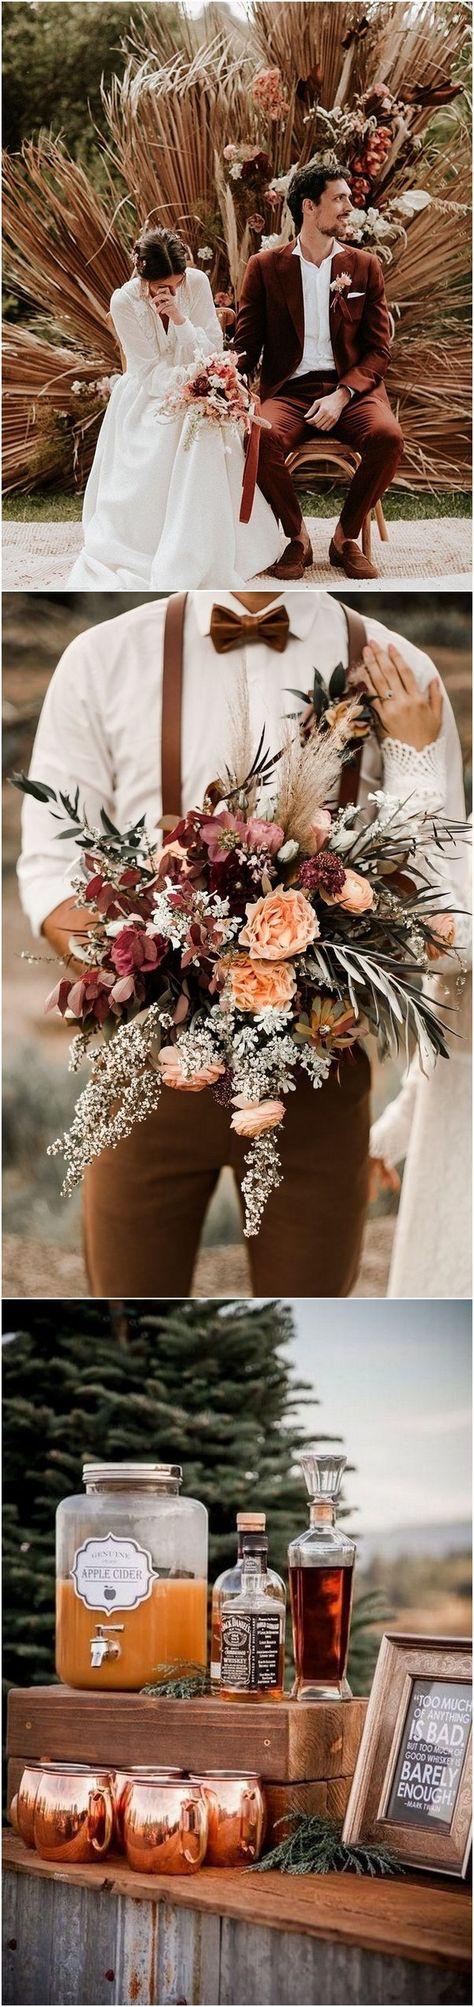 rust fall dusty orange wedding color ideas #weddings #rustwedding #weddingcolors #weddingideas